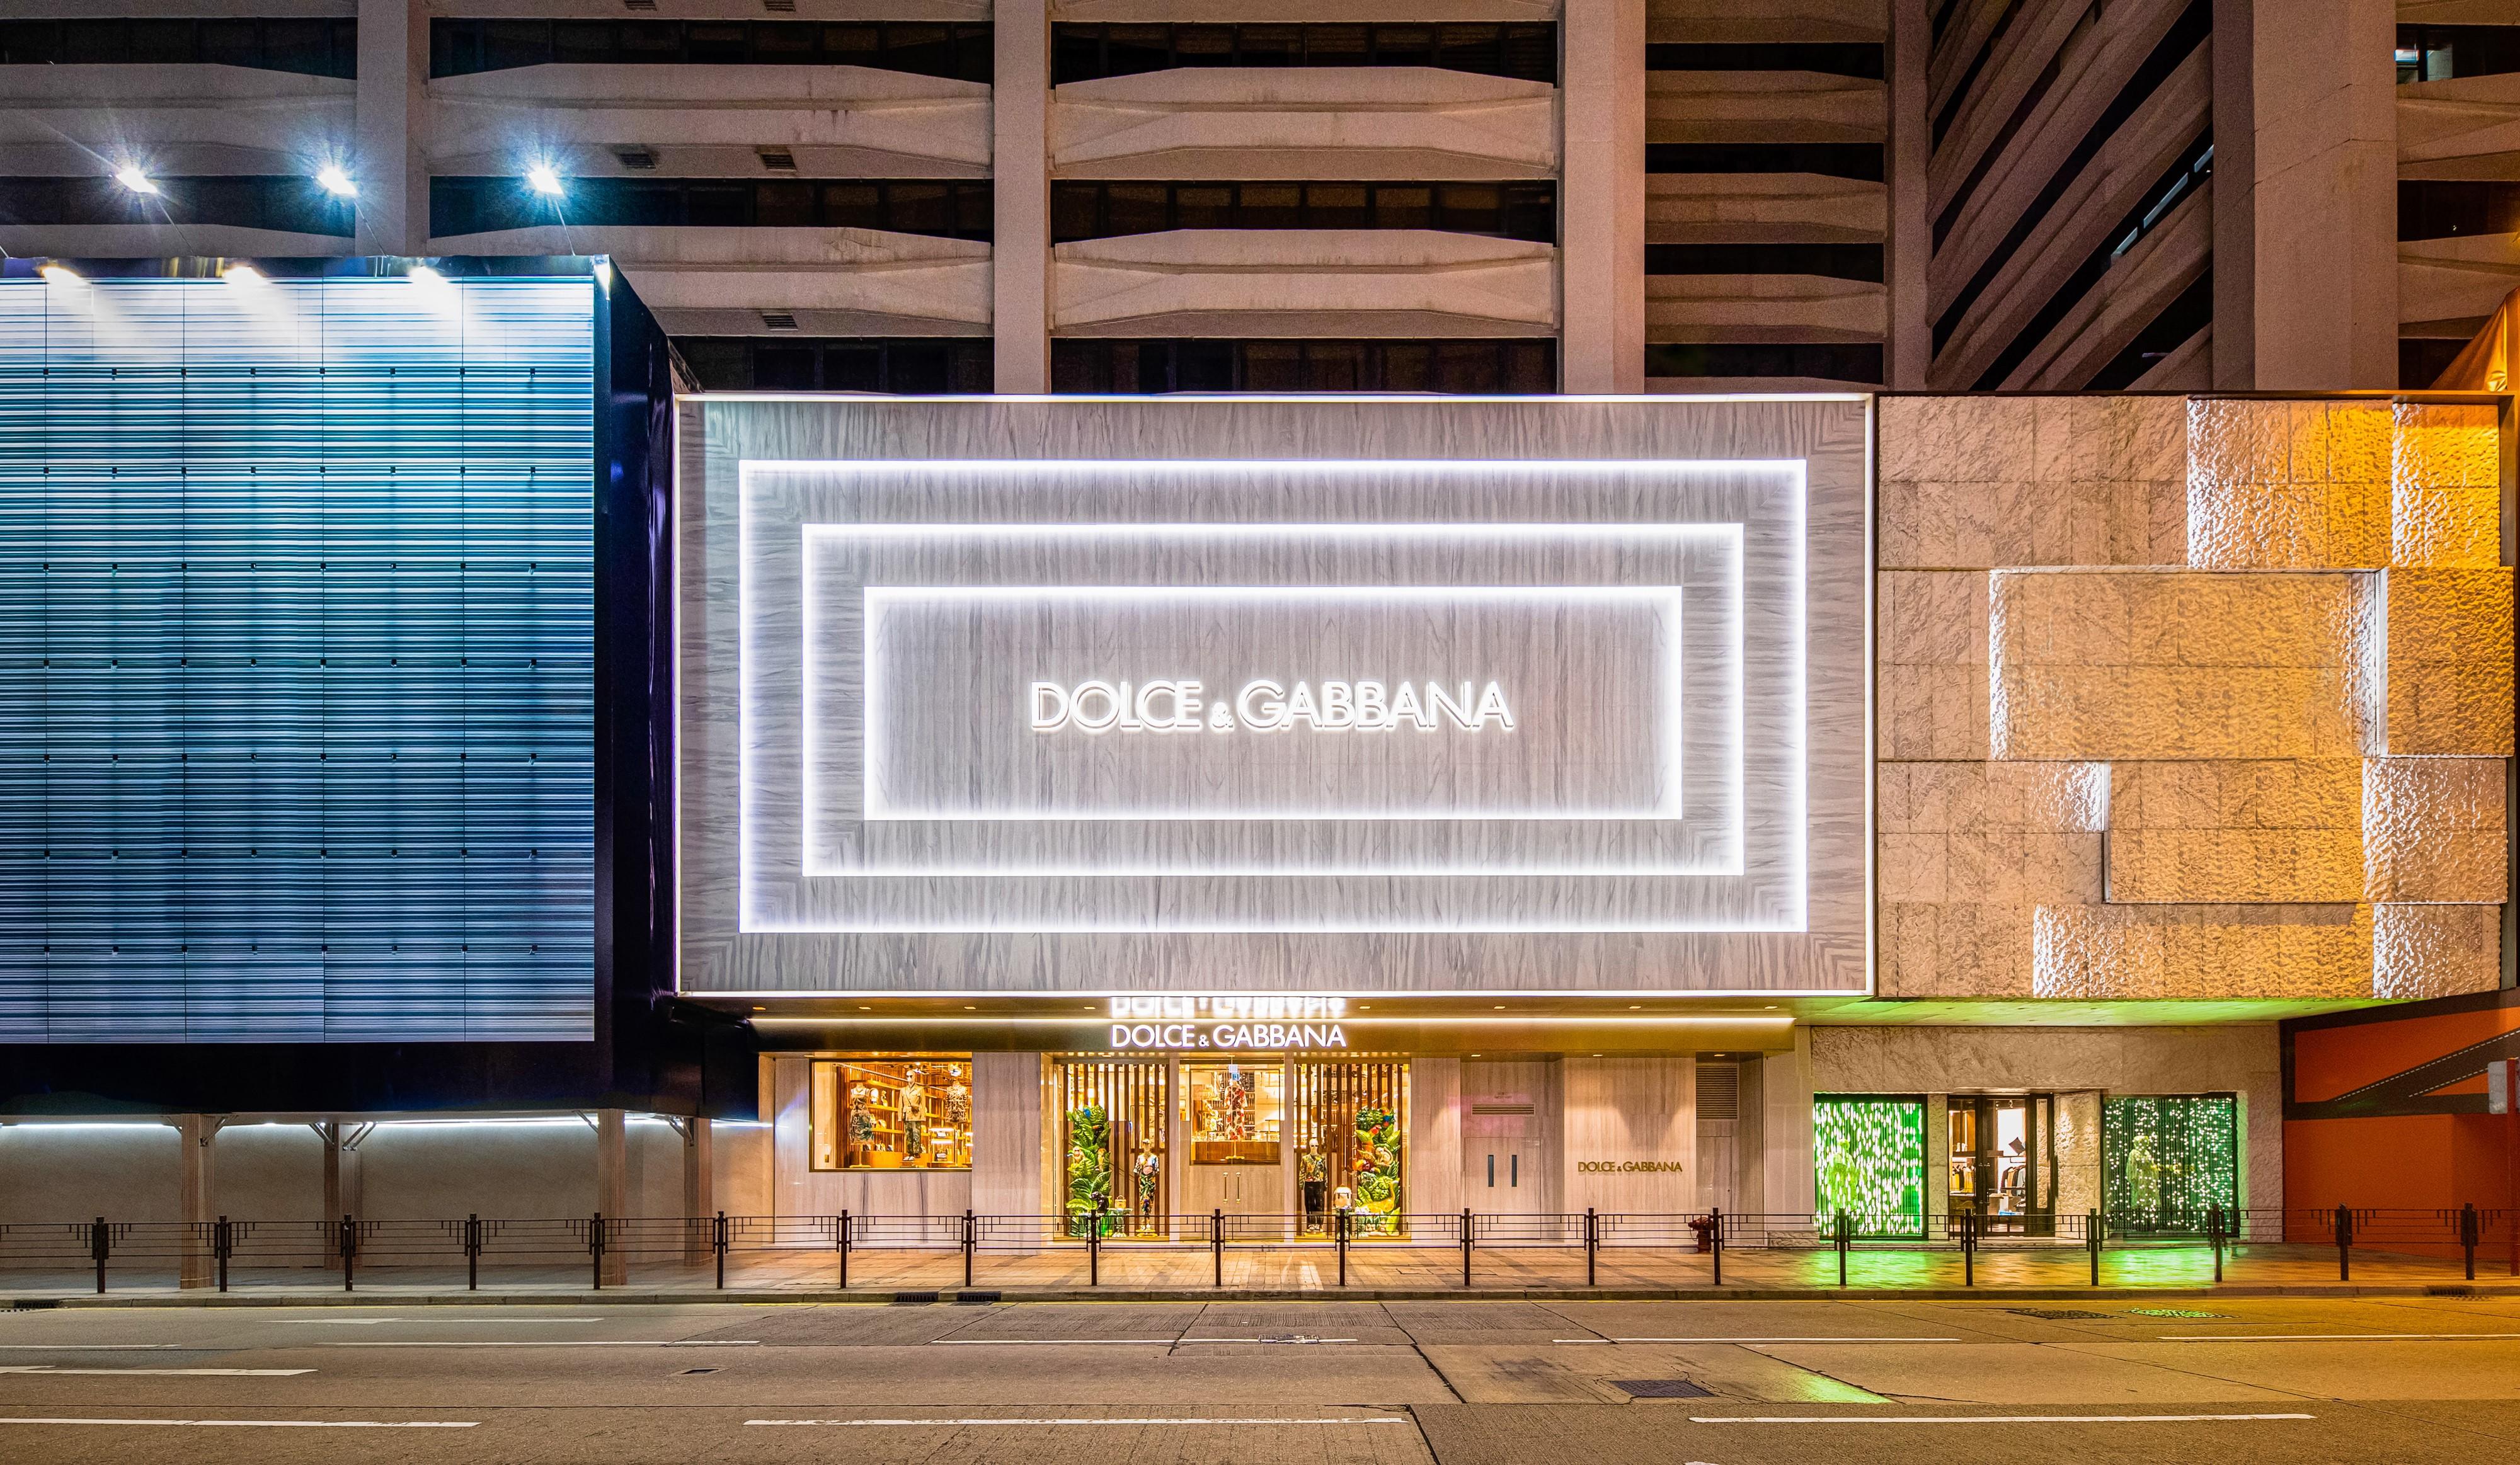 dg-canton-road-hong-kong-facade